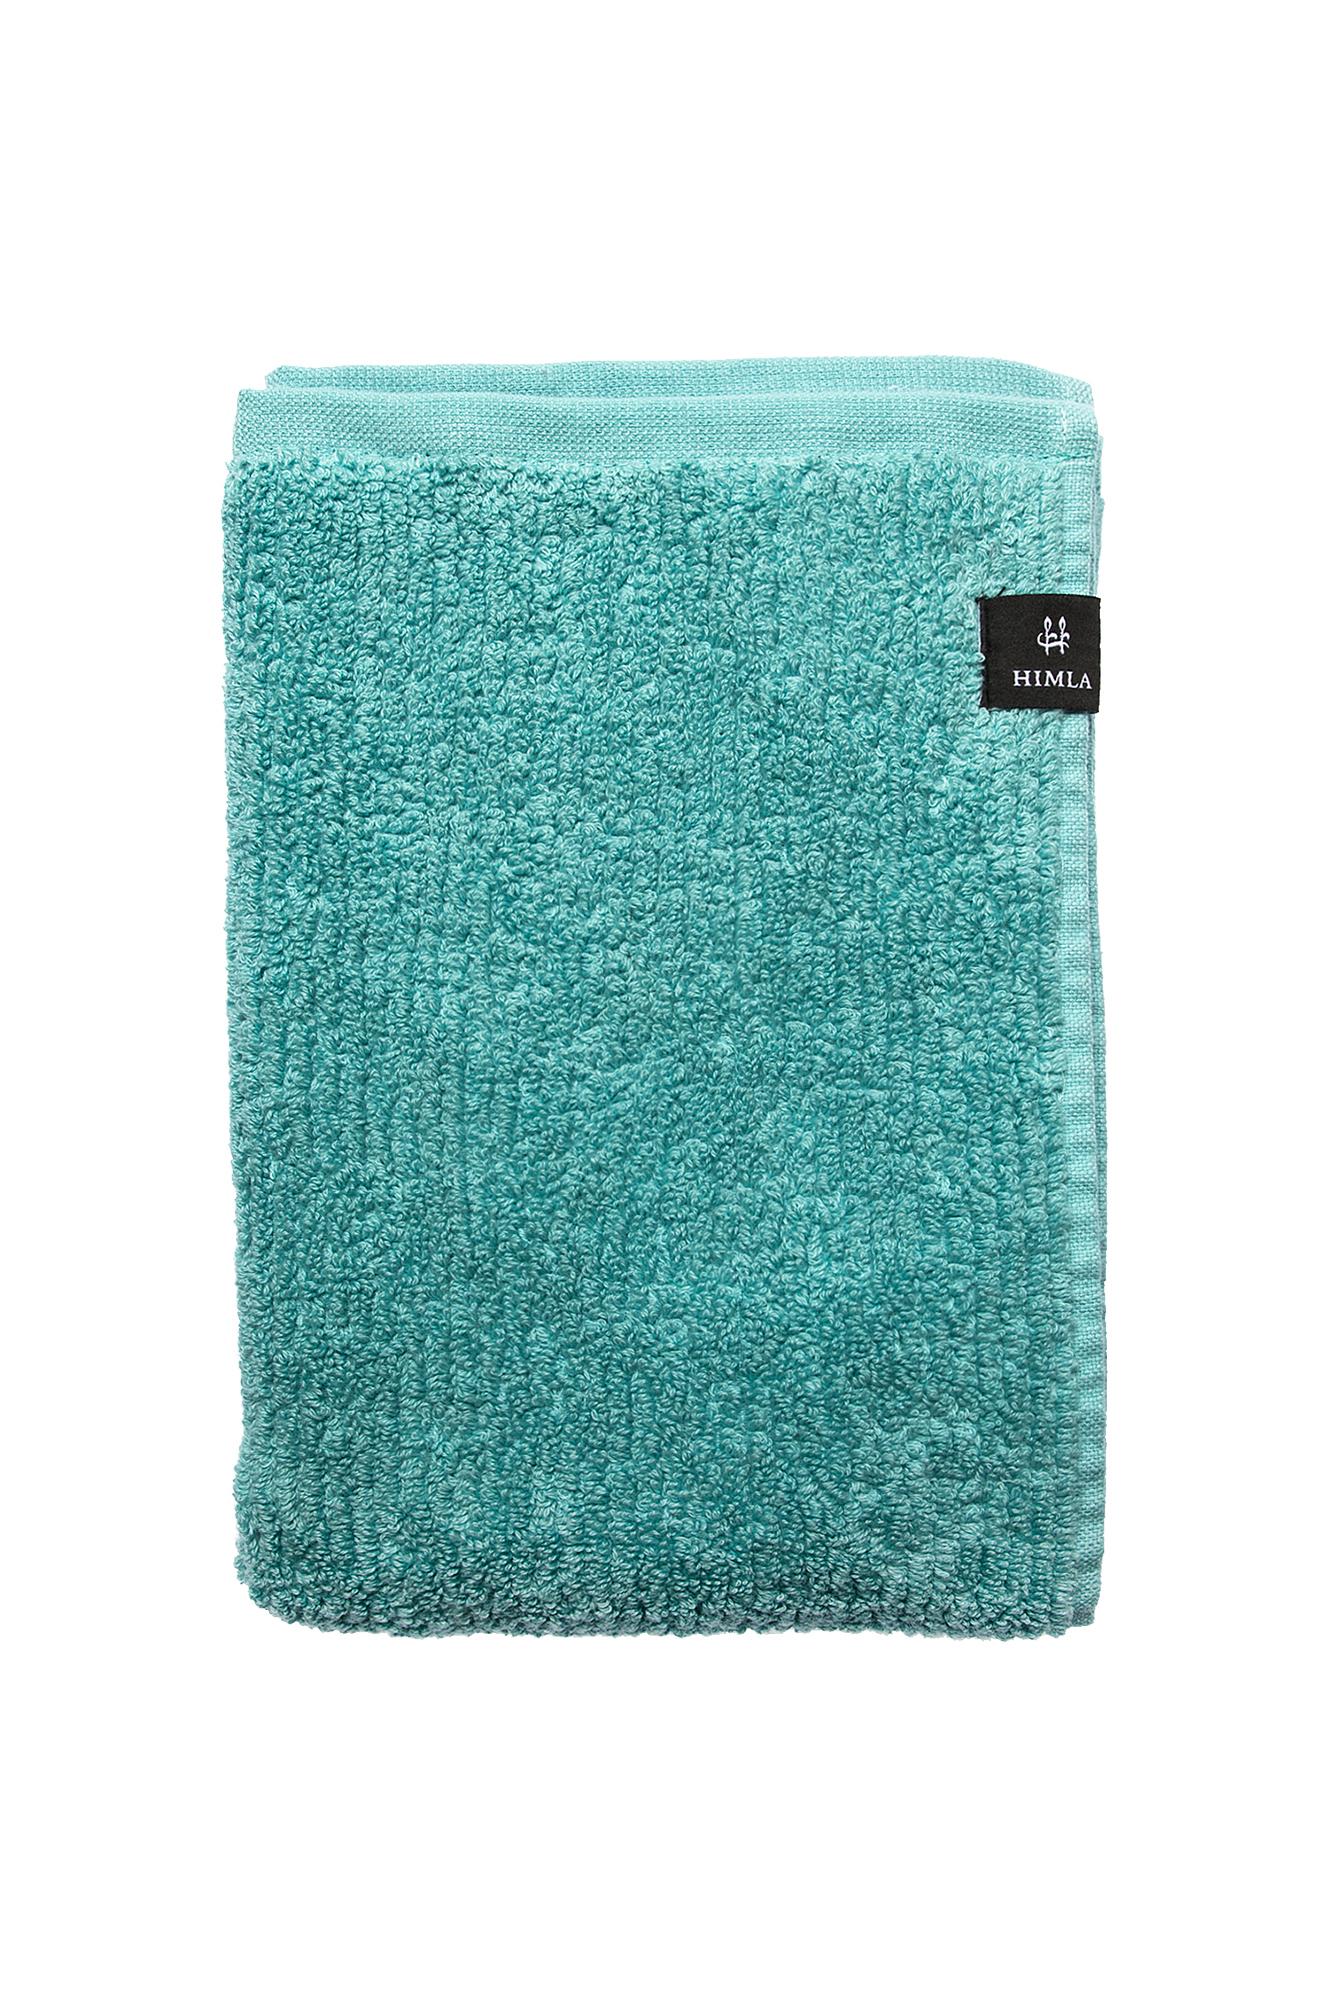 Gæstehåndklæde Ella af økologisk bomuld – 30x50 cm Himla Badeværelsestekstiler til Boligen i Oceanblå